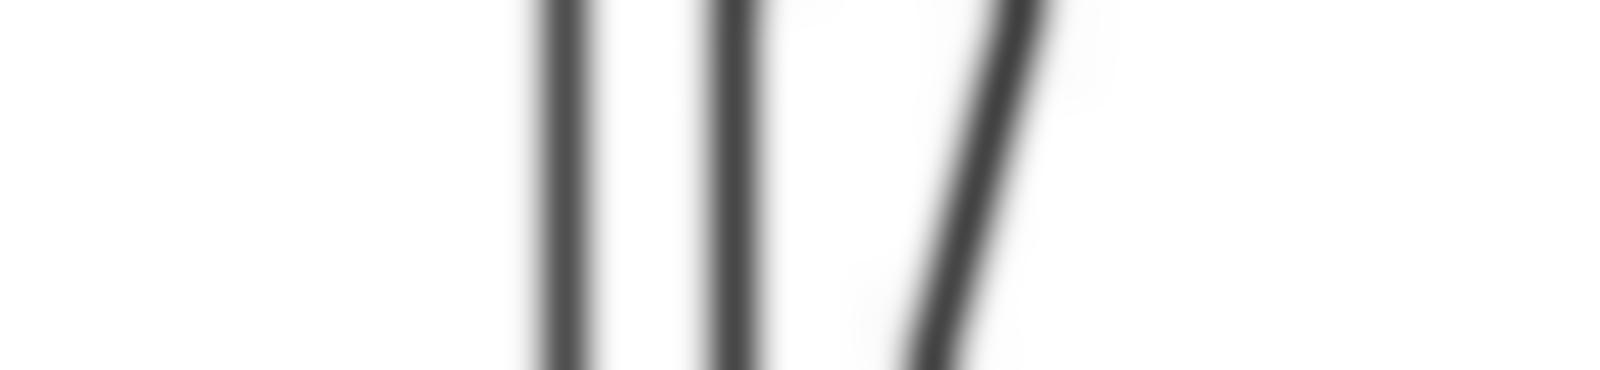 Blurred dc871a41 a046 4390 9a11 acbb841adaf9